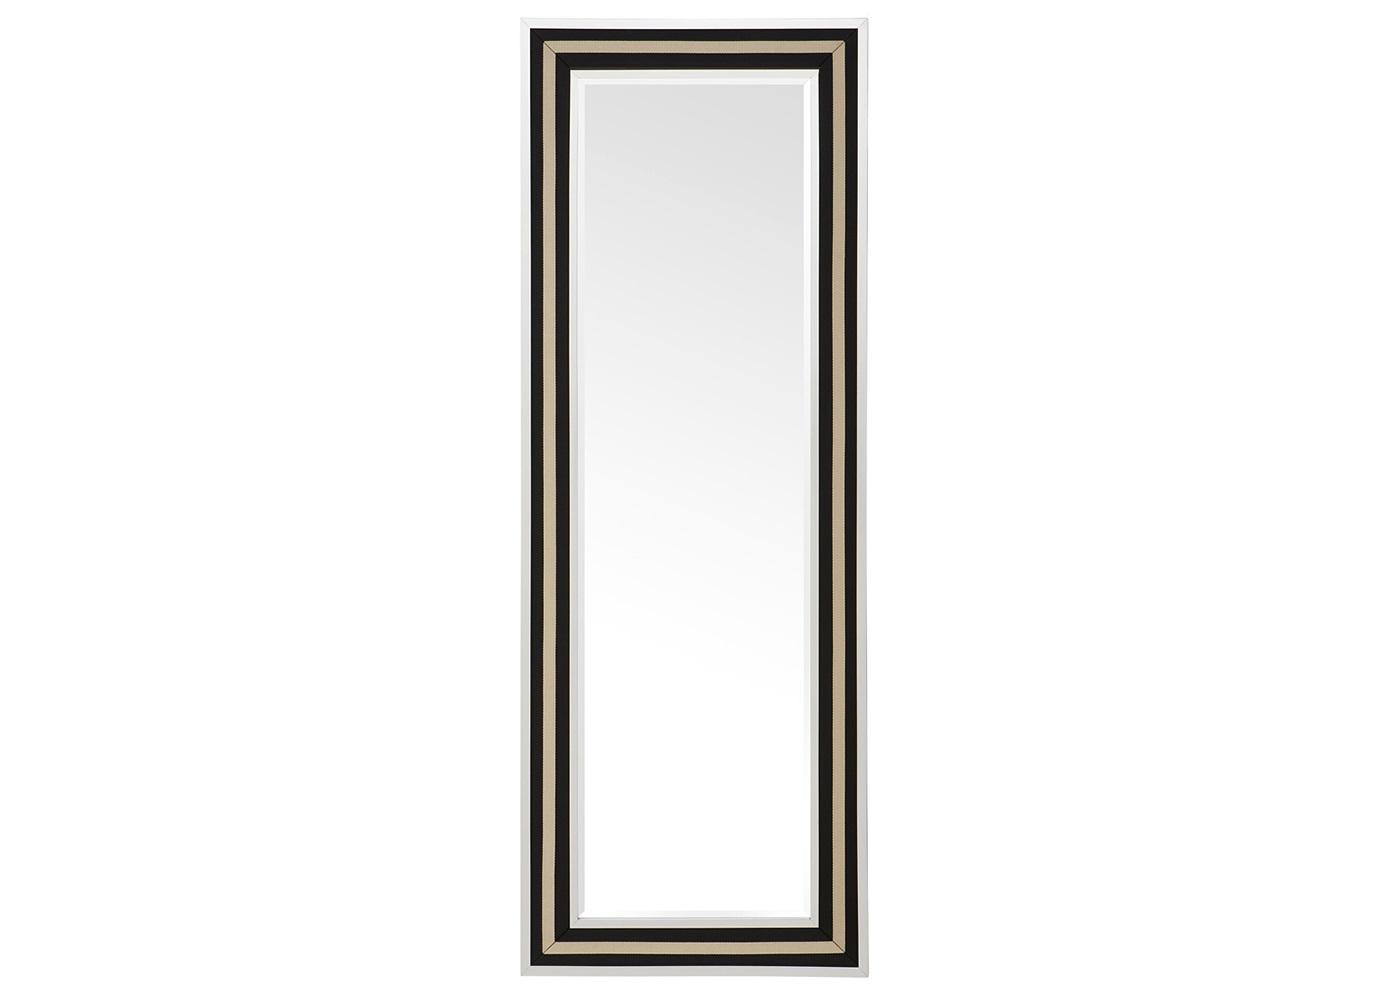 ЗеркалоНастенные зеркала<br>Зеркало Mirror Defender в металлической раме стального, черного и золотого цвета.<br><br>Material: Металл<br>Width см: 80<br>Height см: 220